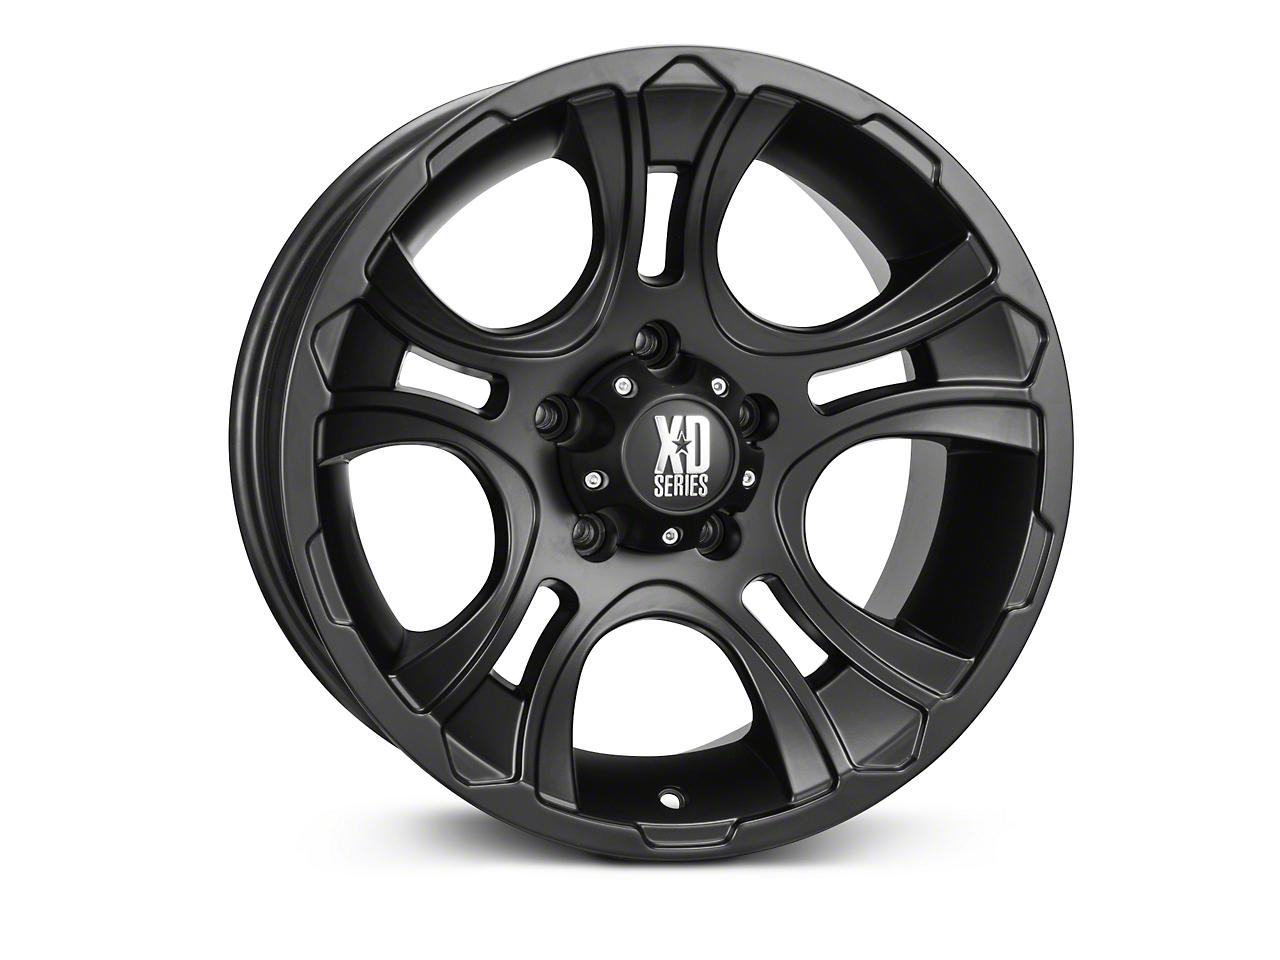 XD Crank Matte Black Wheels (07-18 Wrangler JK; 2018 Wrangler JL)